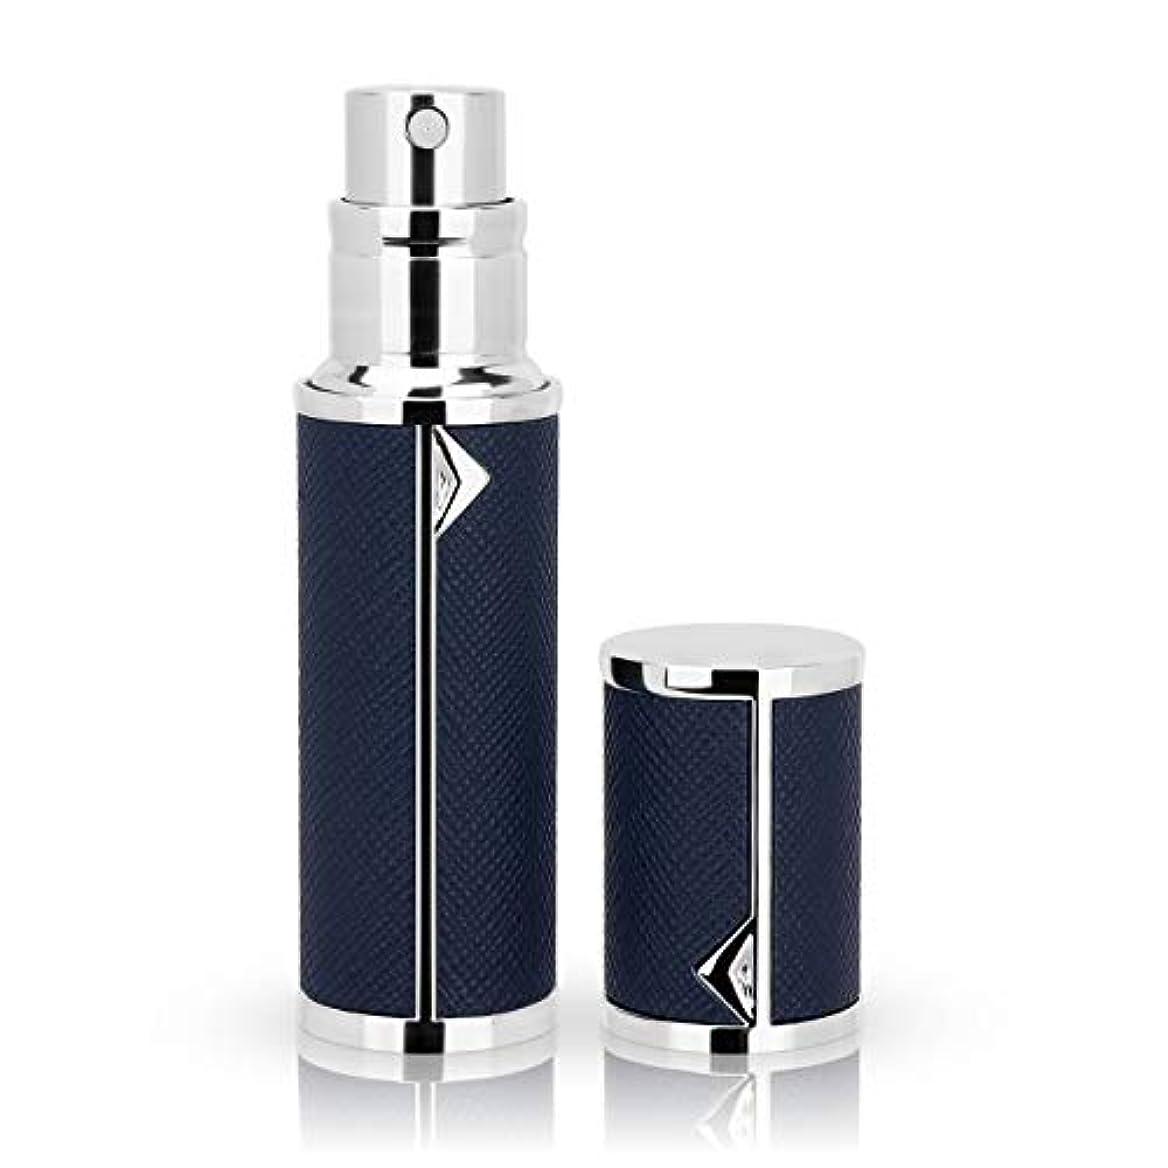 驚きギャザー抜け目のないアトマイザー 香水アトマイザー 詰め替え Louischanzl 香水噴霧器 2-2.5mm径 5ml PUレザー レディース メンズ (紺色DarkBlue)